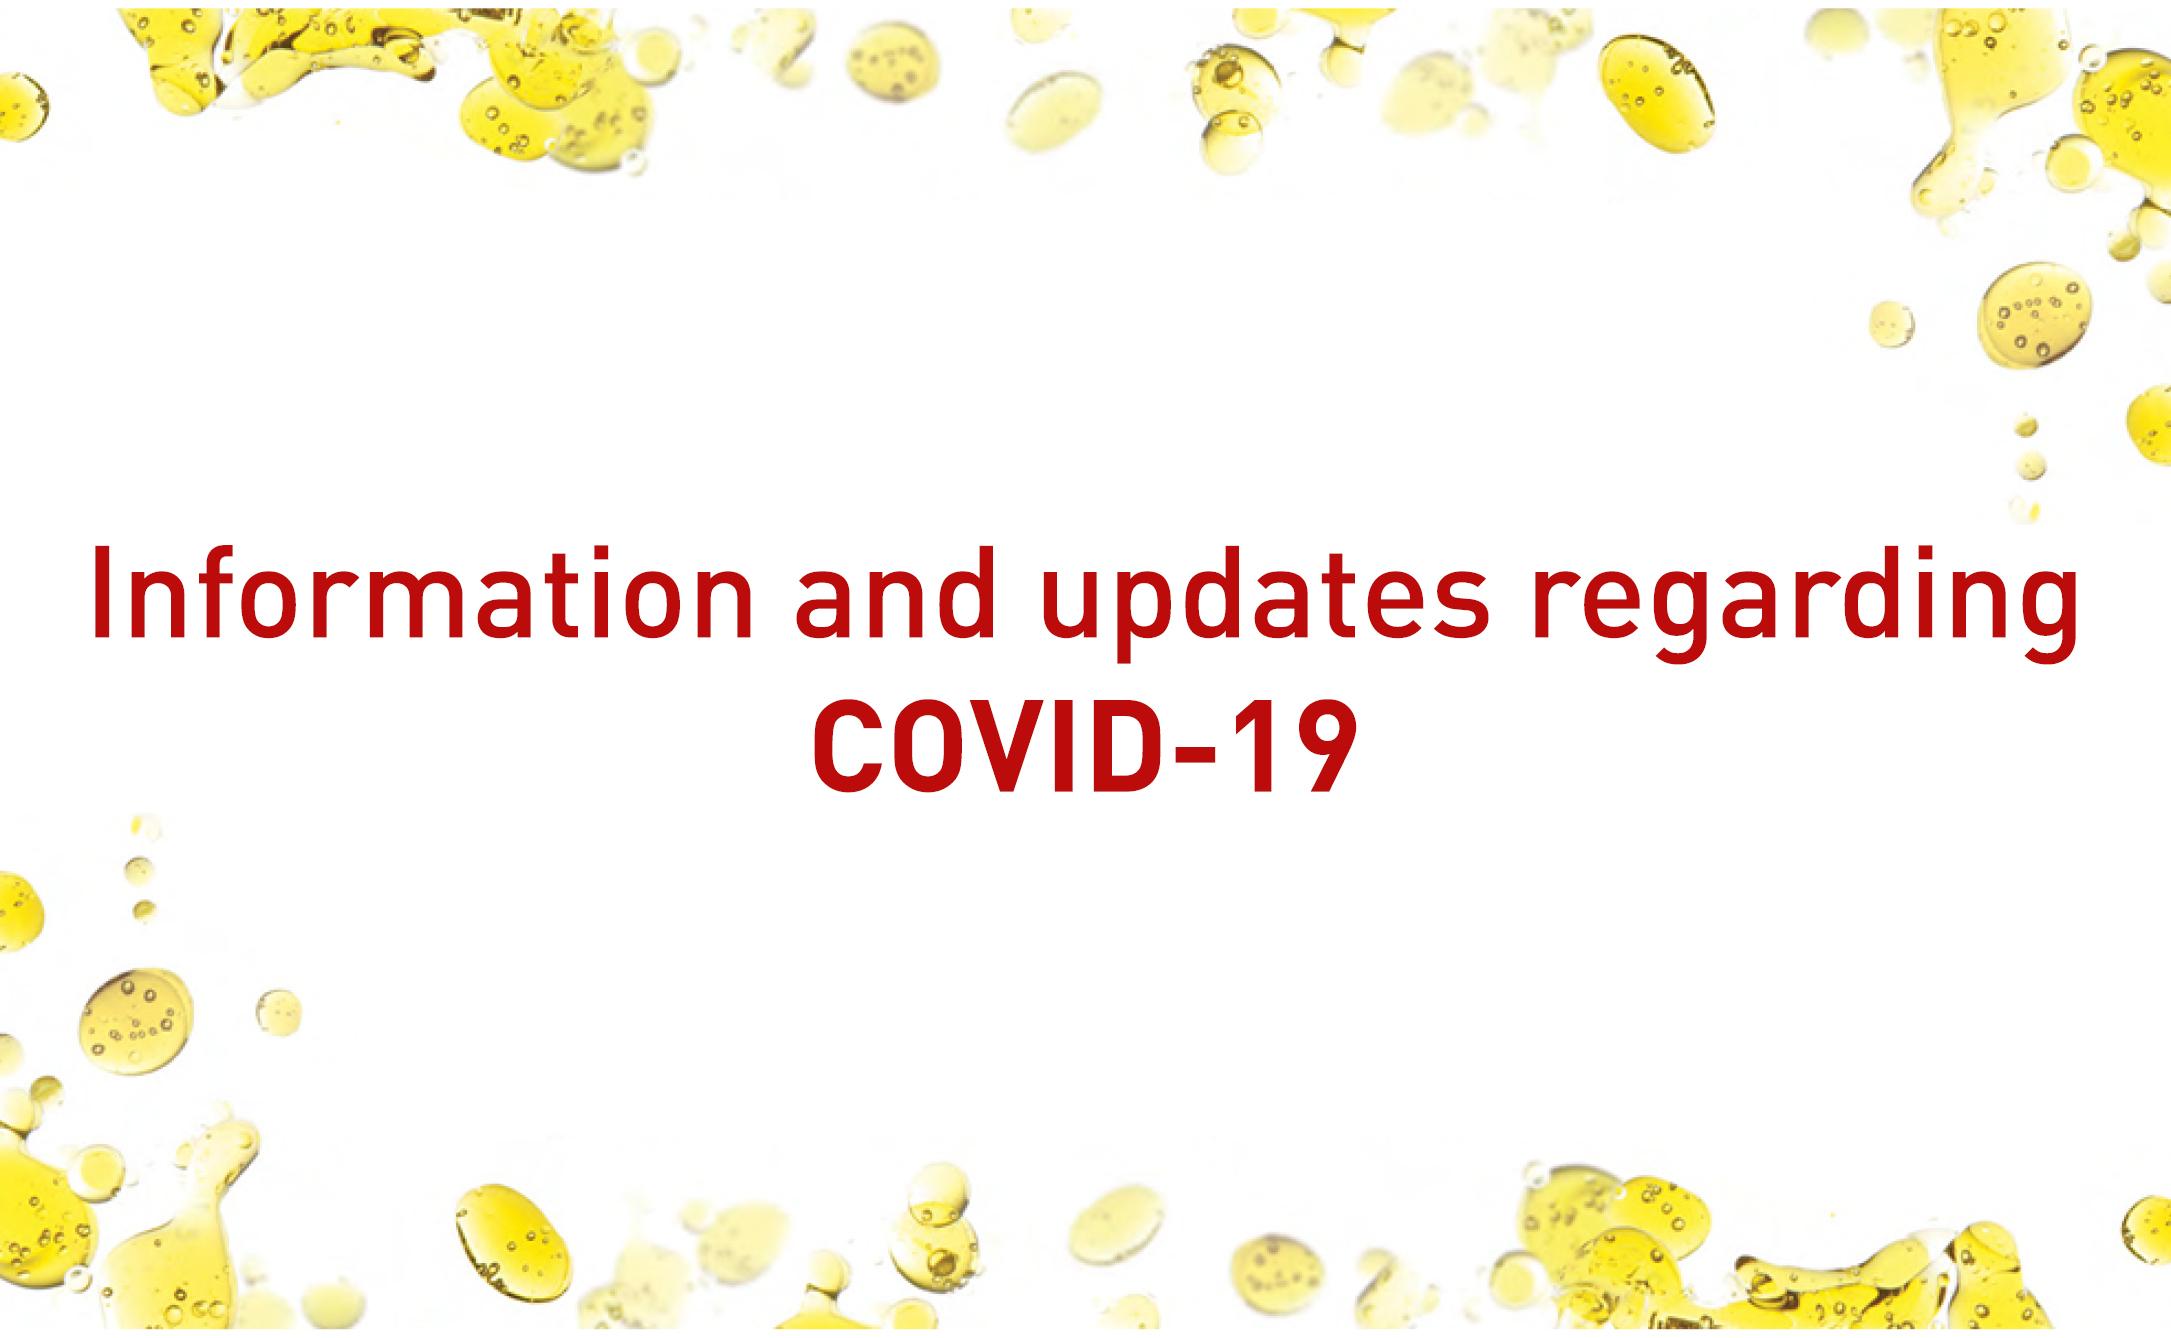 Update: COVID-19 1